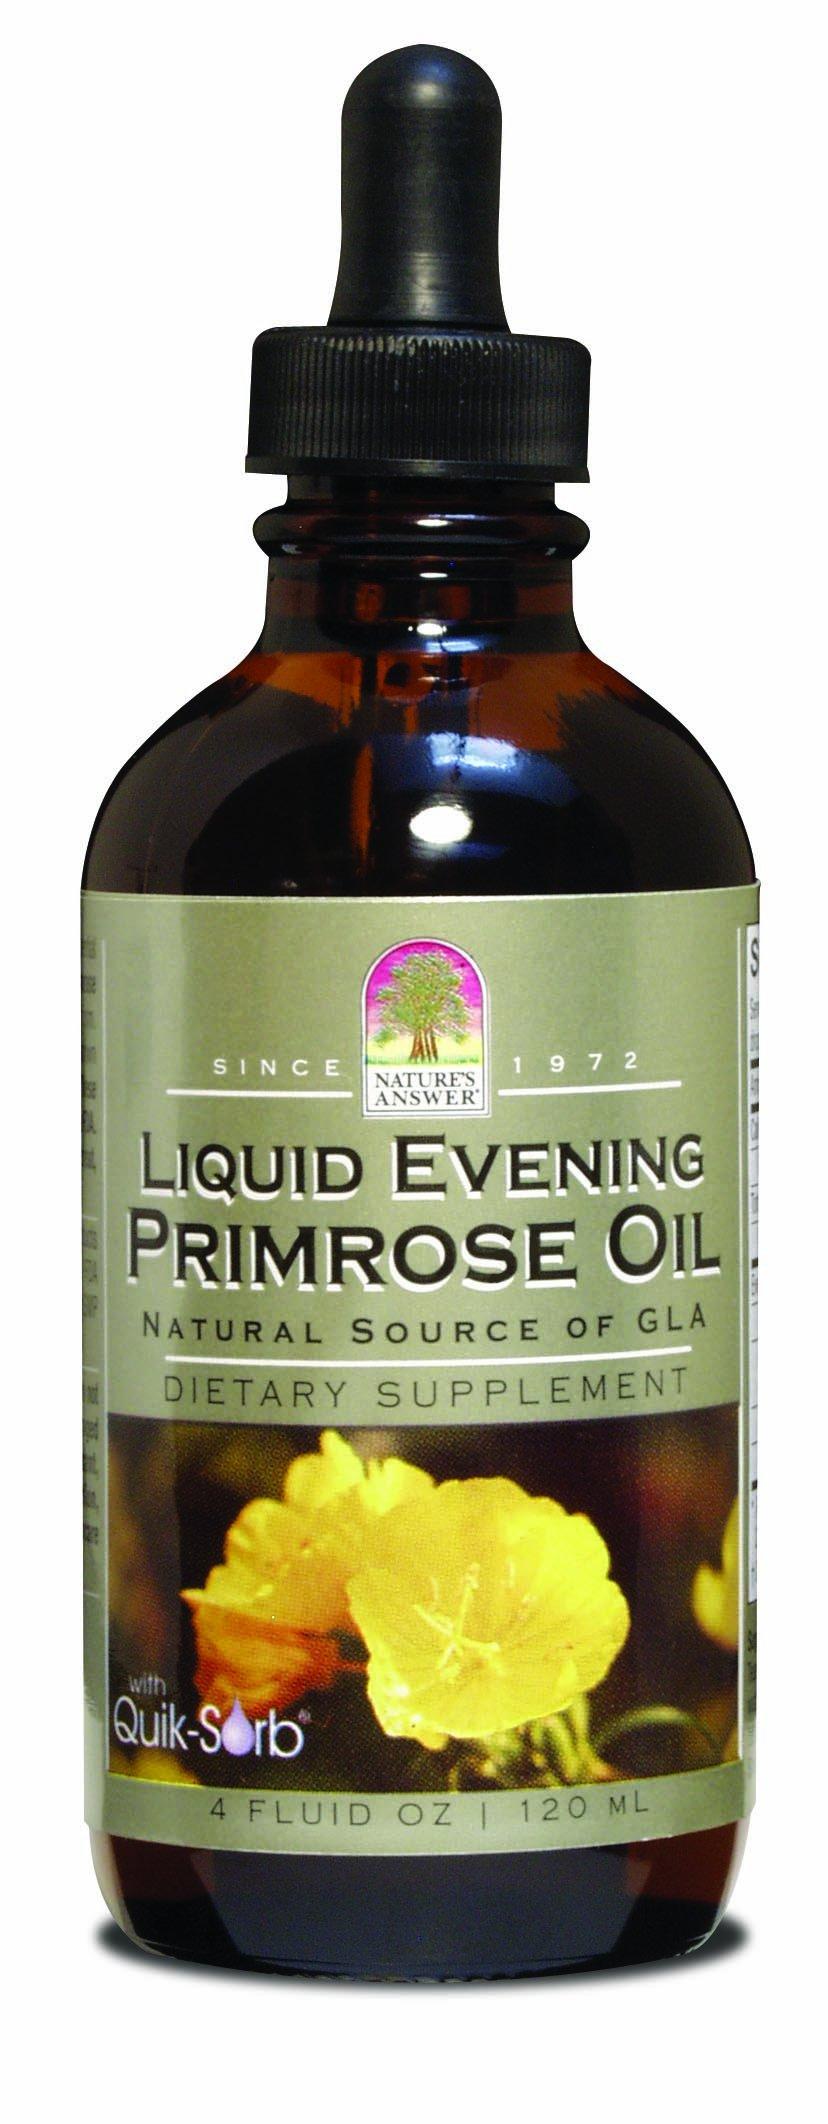 Nature's Answer Liquid Evening Primrose Oil, 4-Fluid Ounces